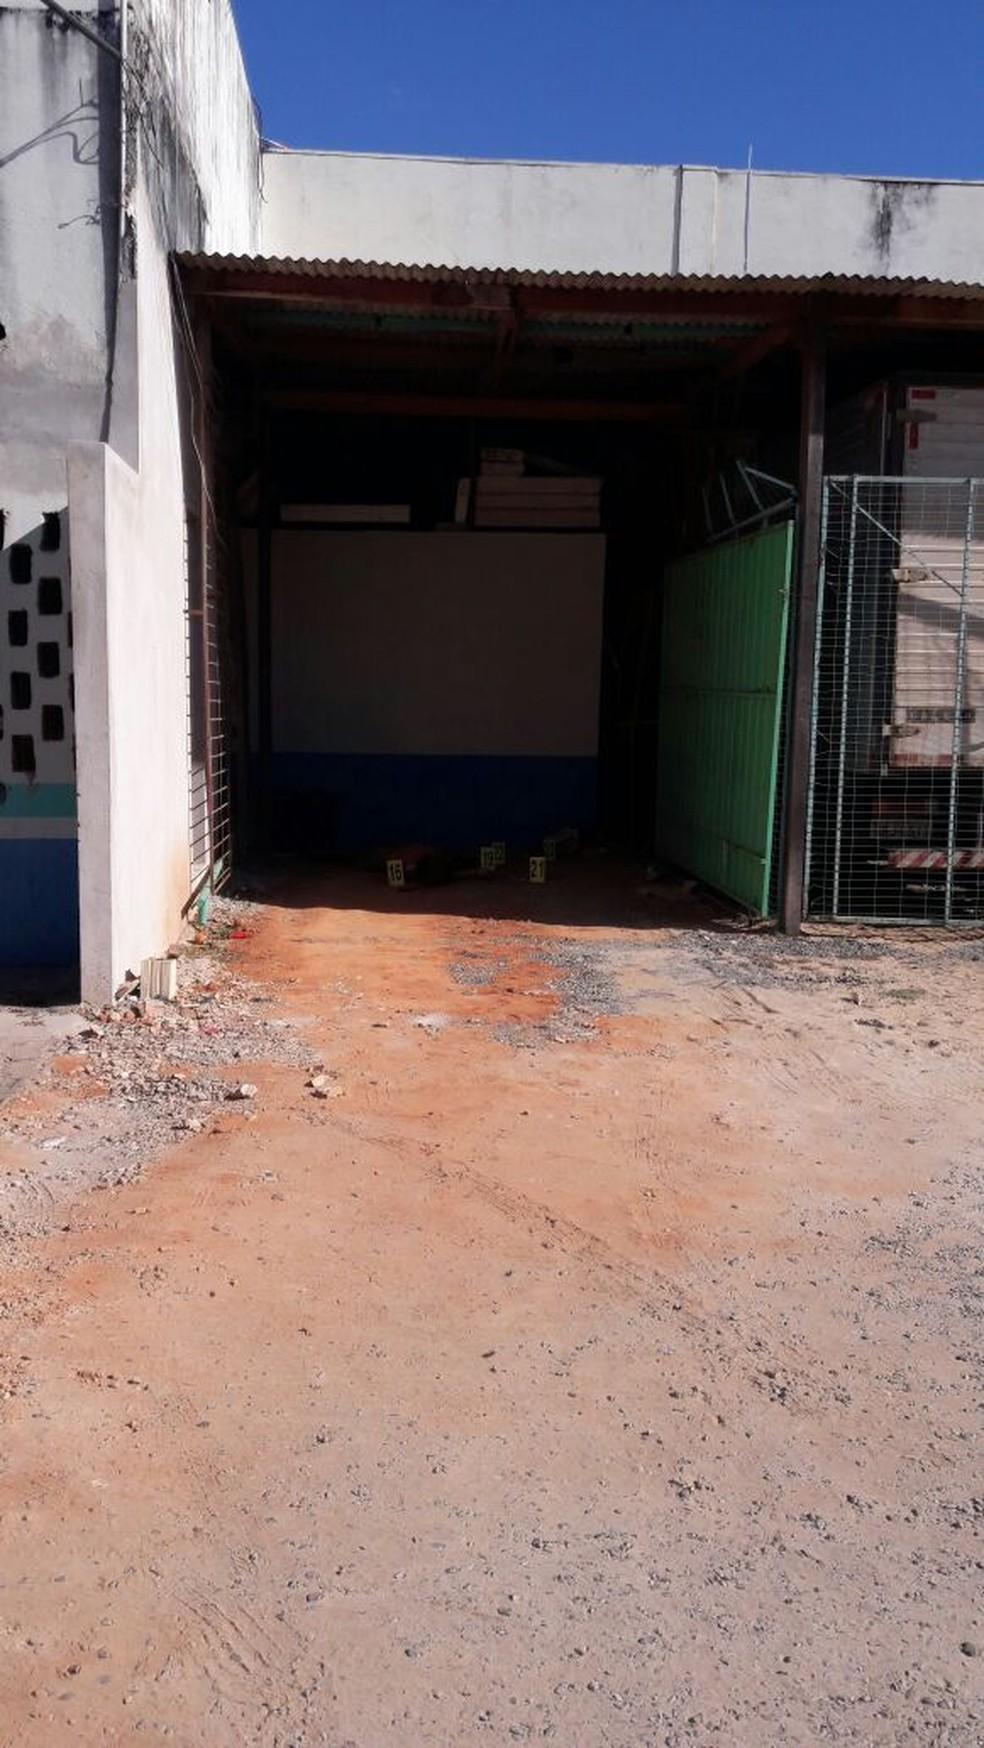 Segundo a polícia, não há indícios de que vítima tenha reagido (Foto: Rafael Brandão/ Portal Sorriso)